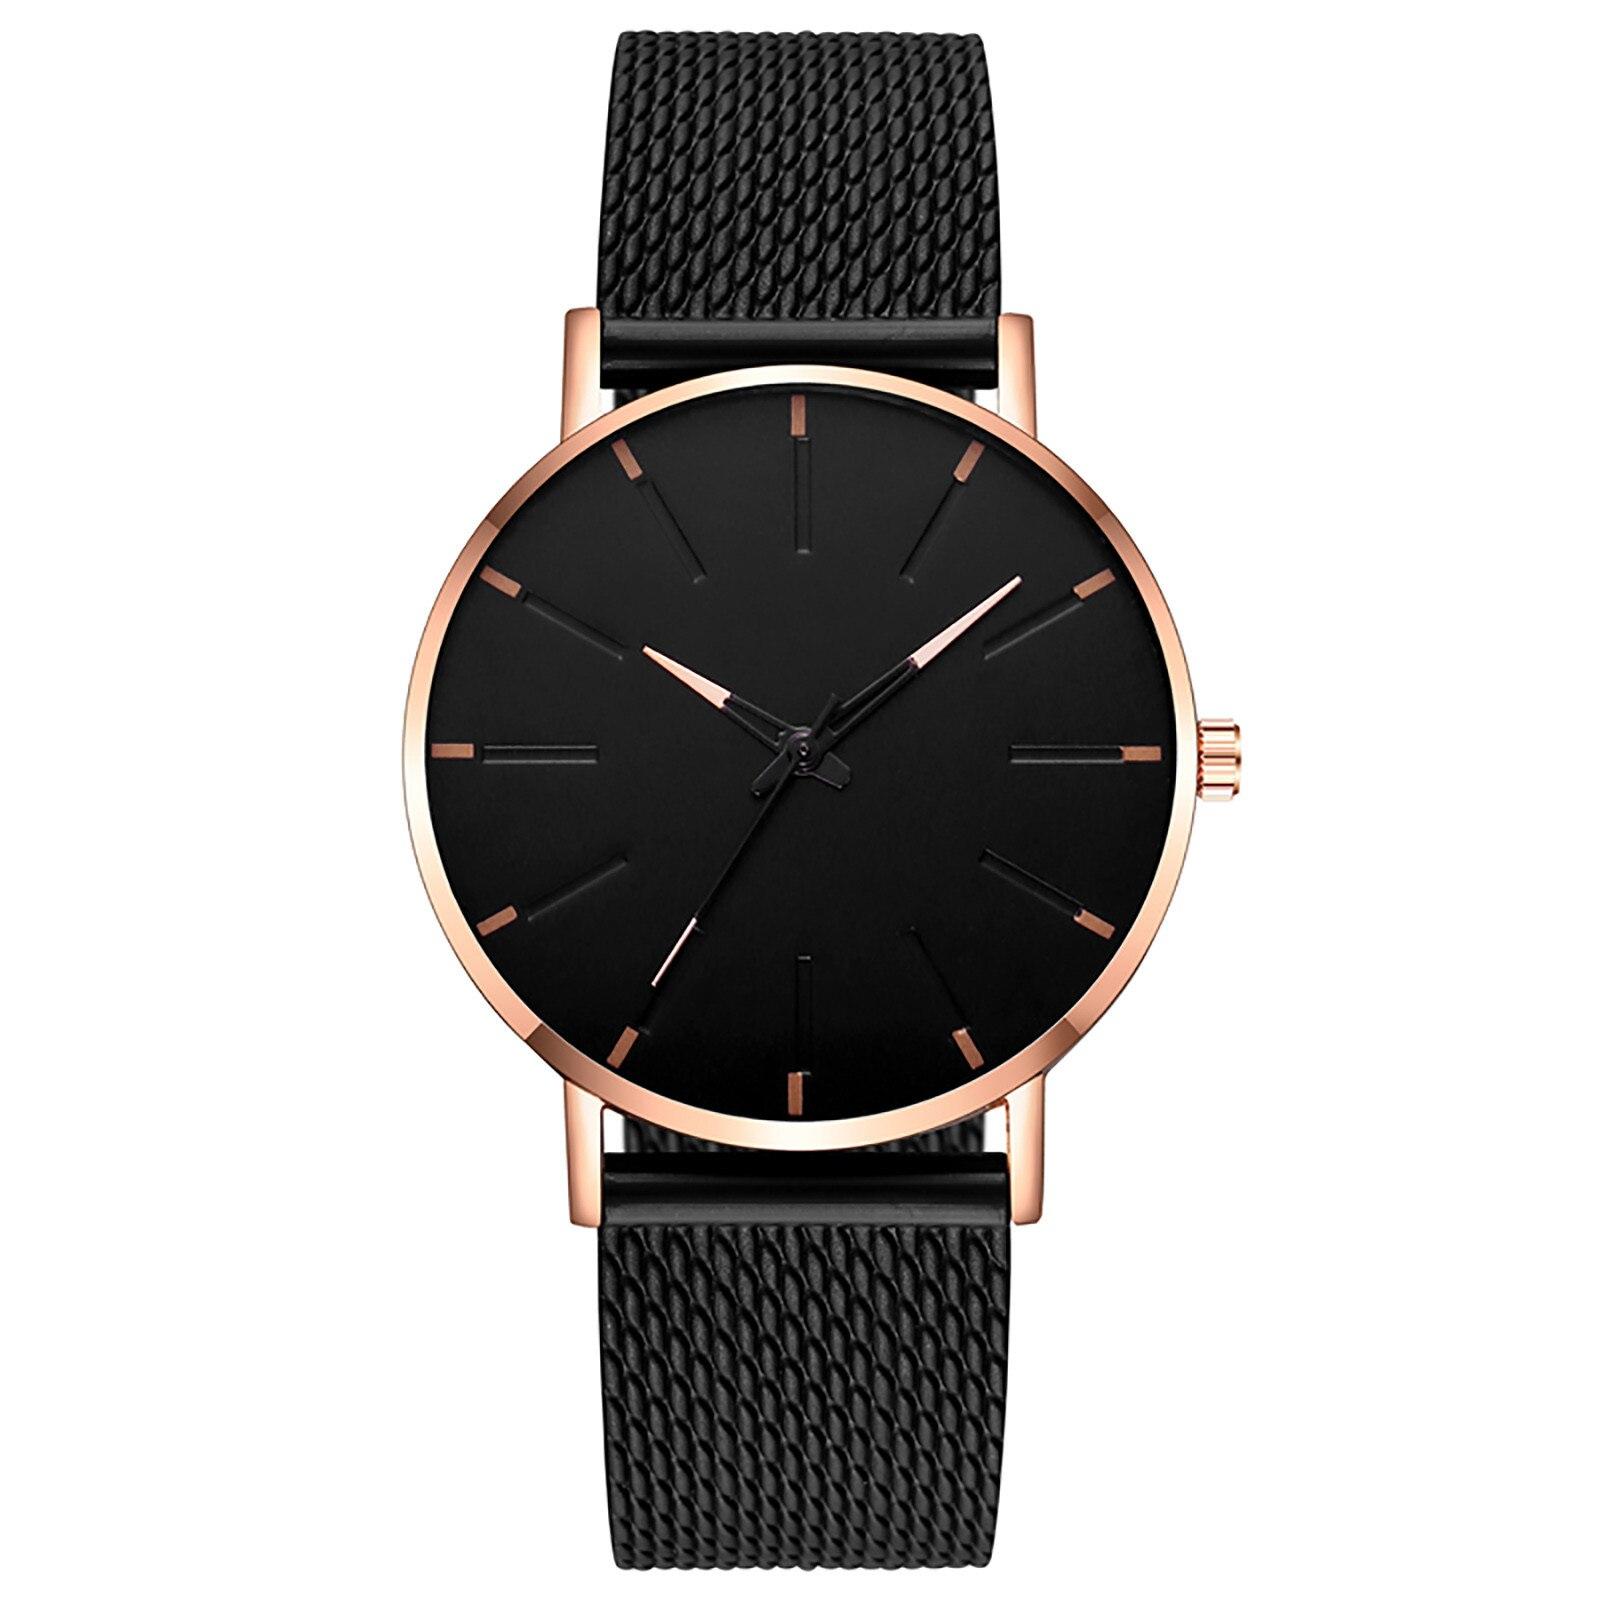 Minimalist Women Fashion Ultra Thin Watches Simple Ladies Business Stainless Steel Mesh Belt Quartz Watch часы женские наручные умные часы huawei watch steel mesh mesh серебряная сталь 42mm